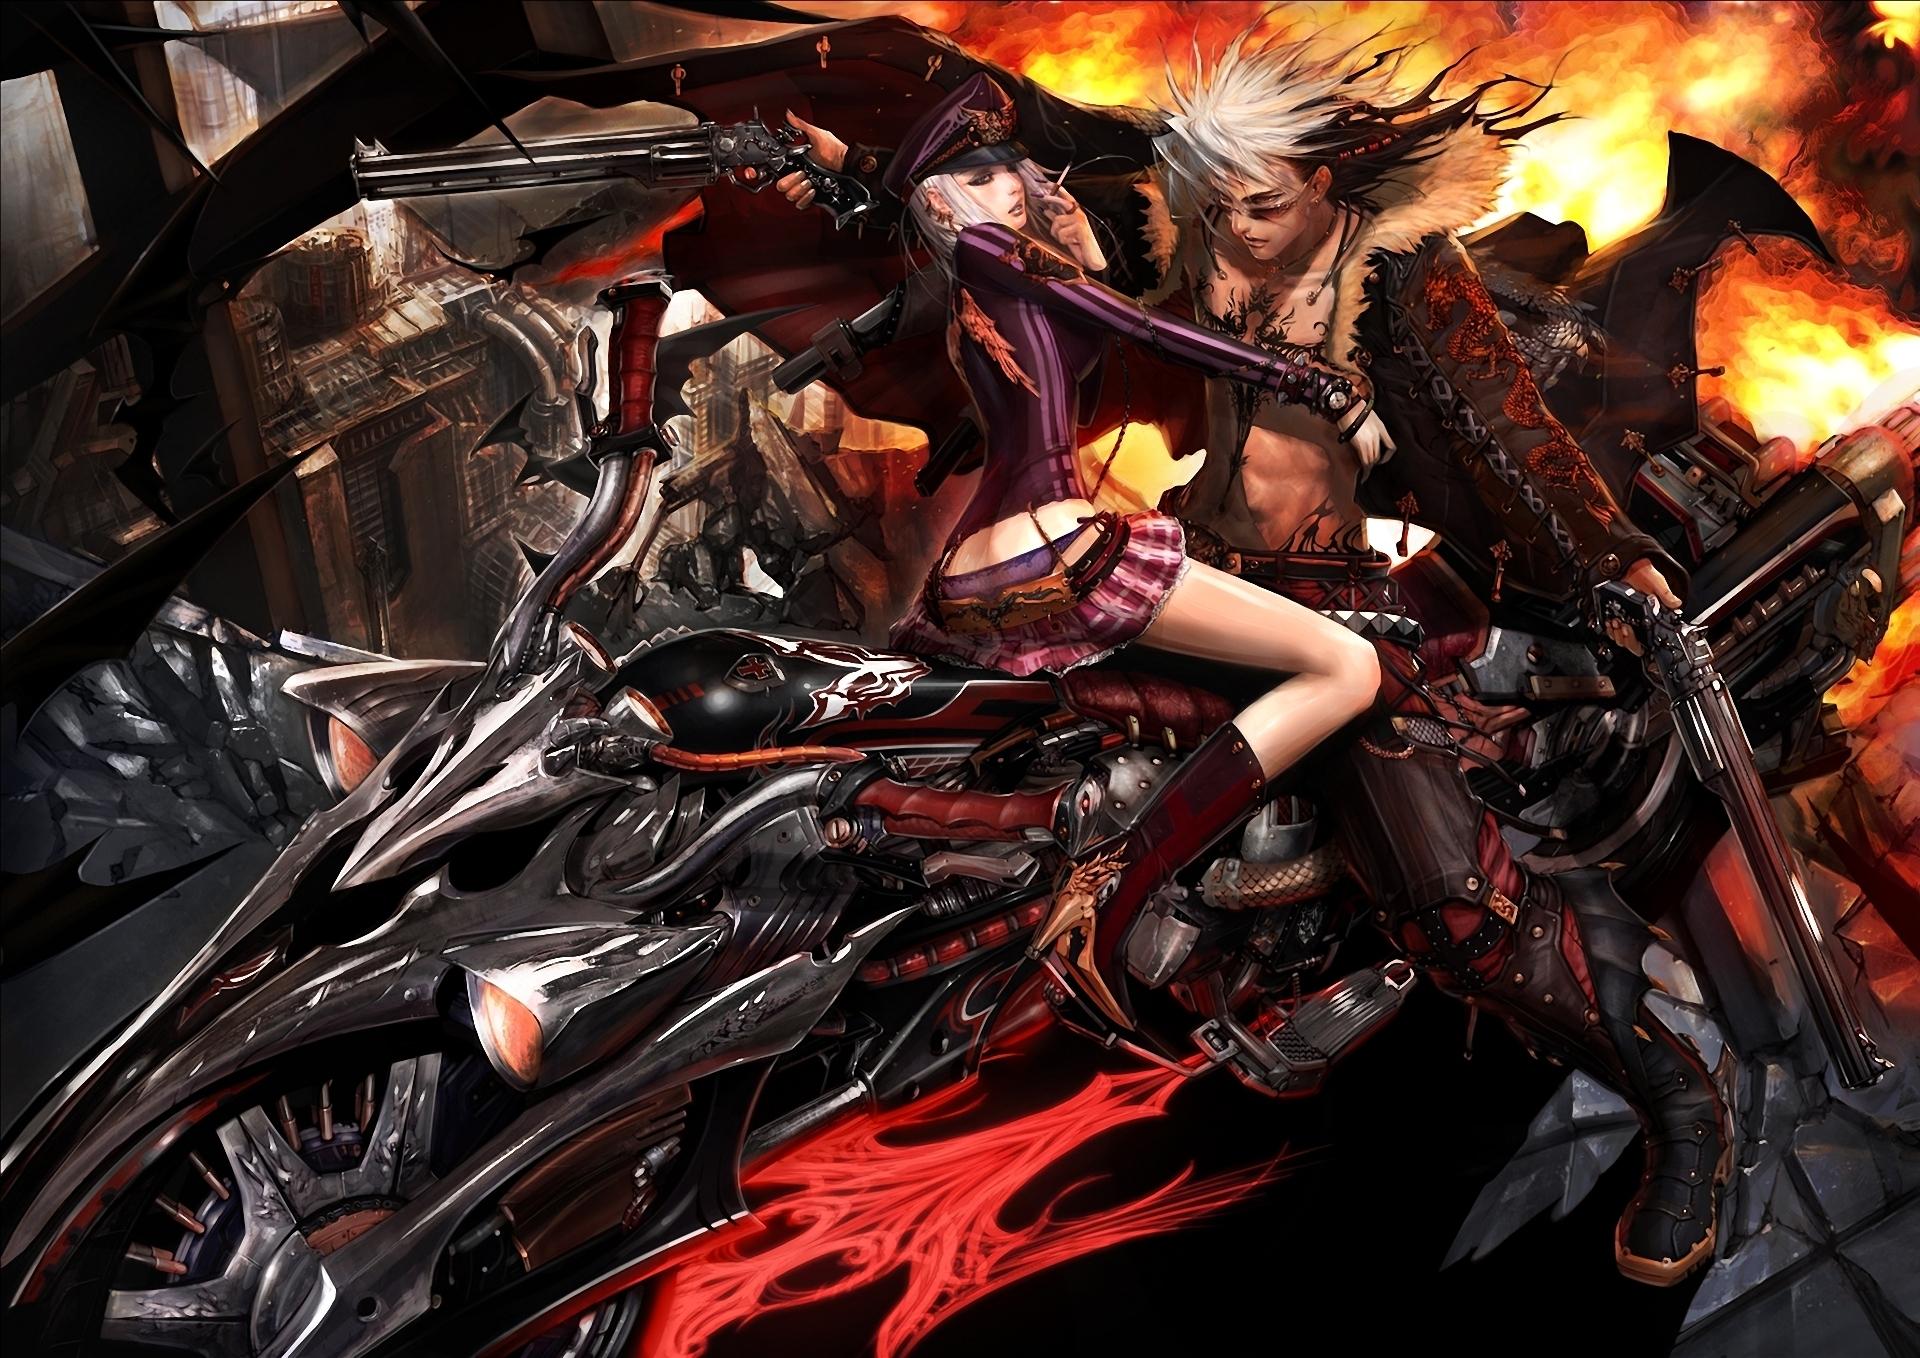 Hd 3d anime exploited photos